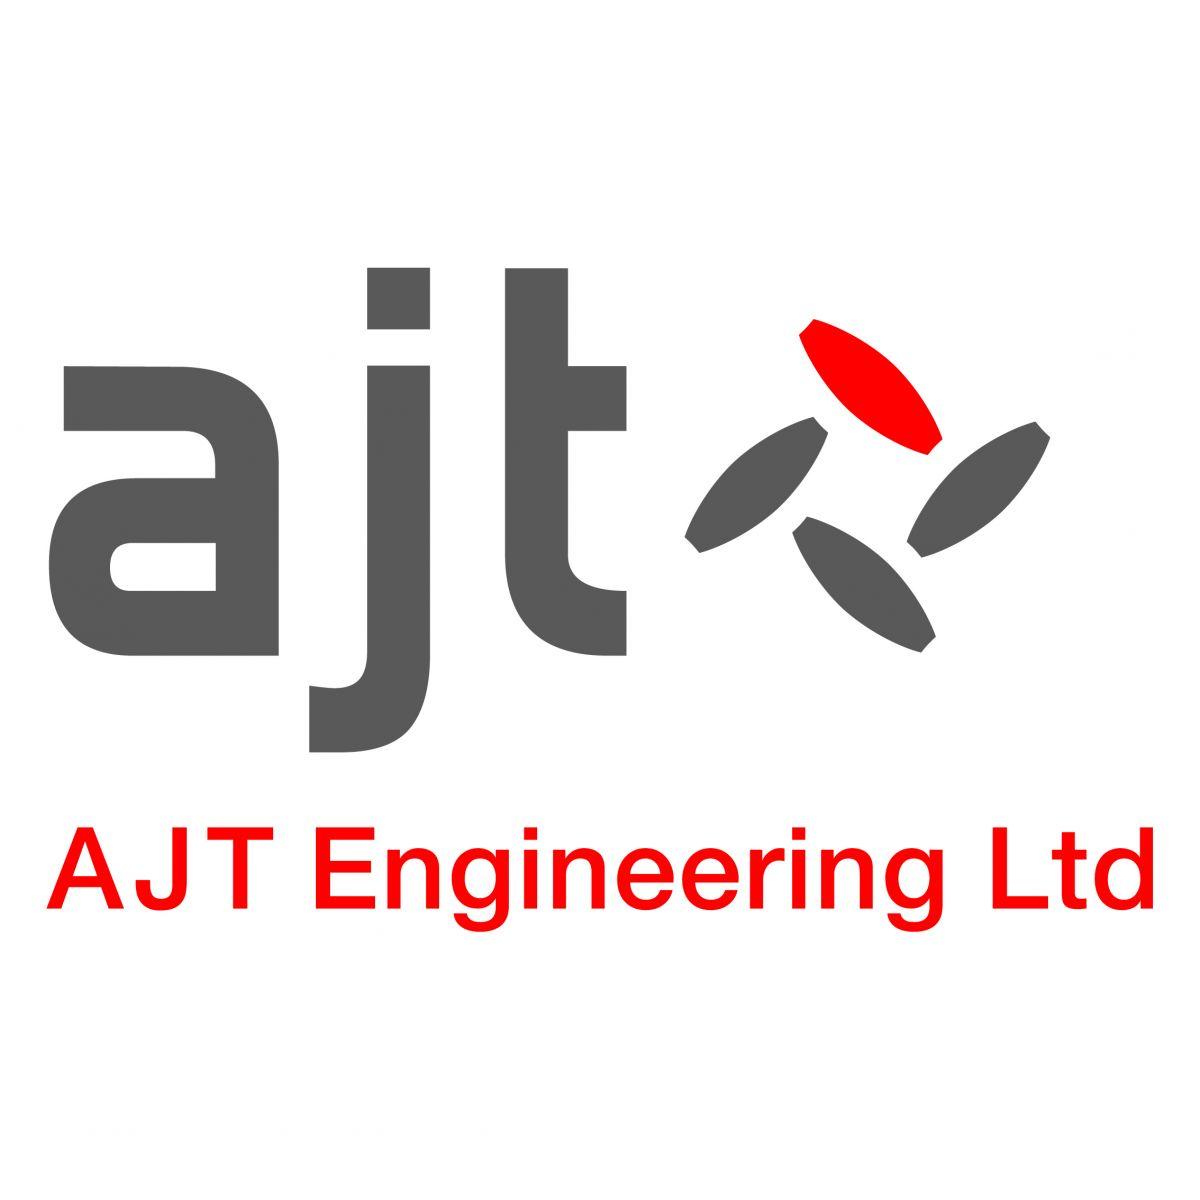 ajt-14727-logo.jpg